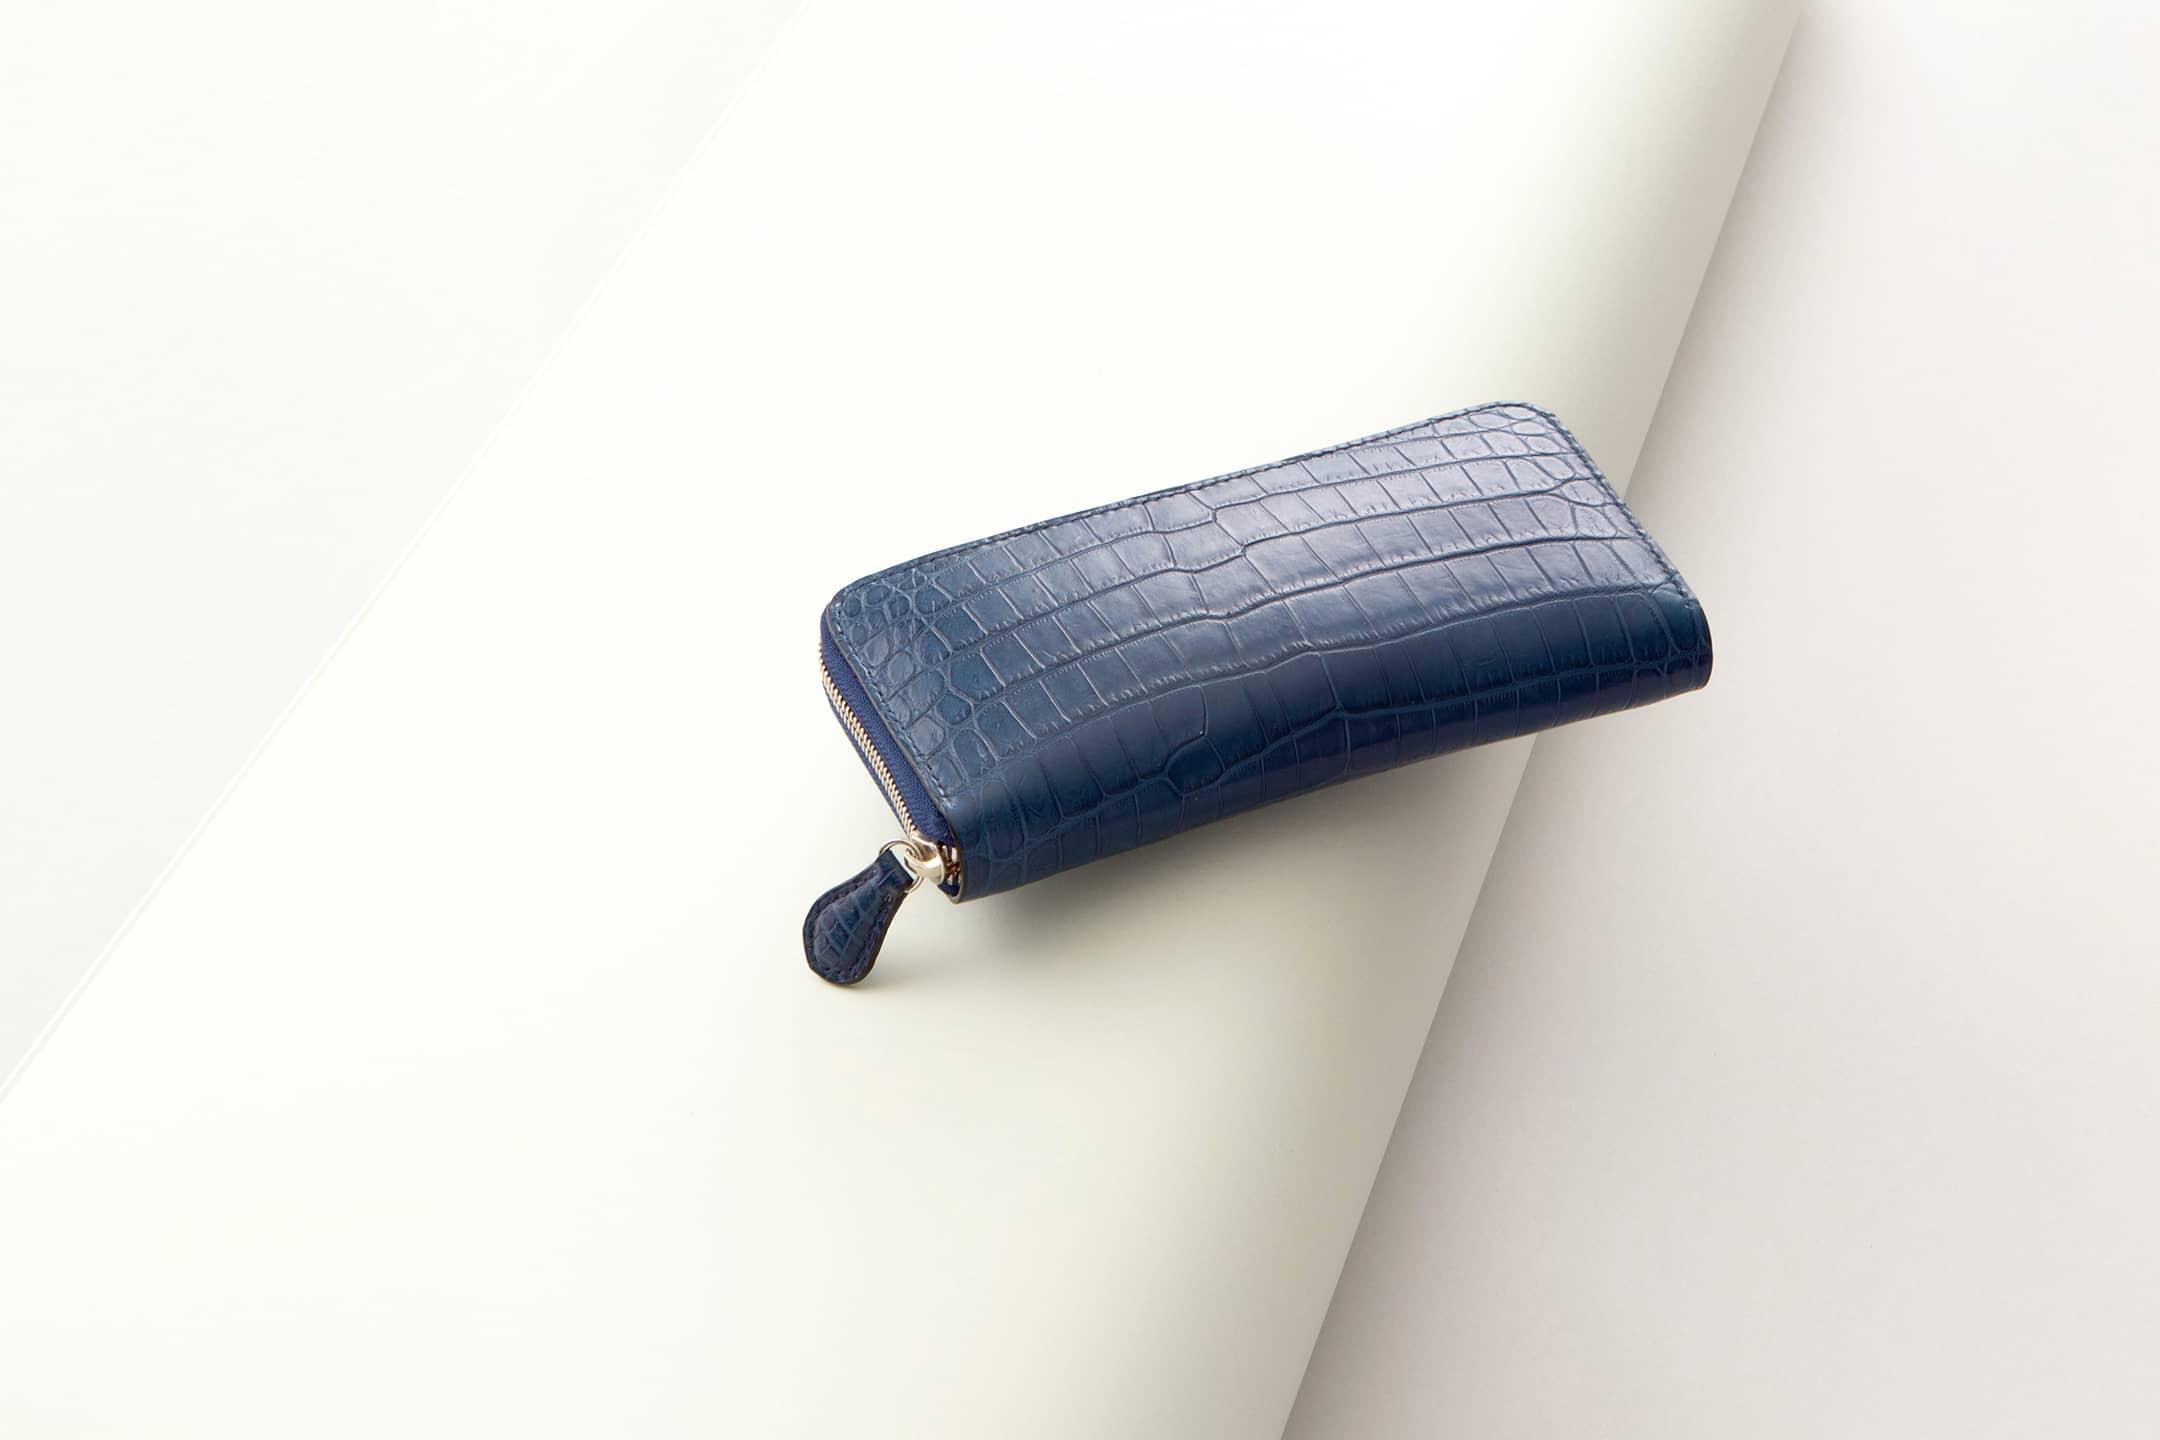 クロコダイル ポロサス & ブッテーロ ラウンドジップ長財布 by ONE WORKER(ワンズワーカー)